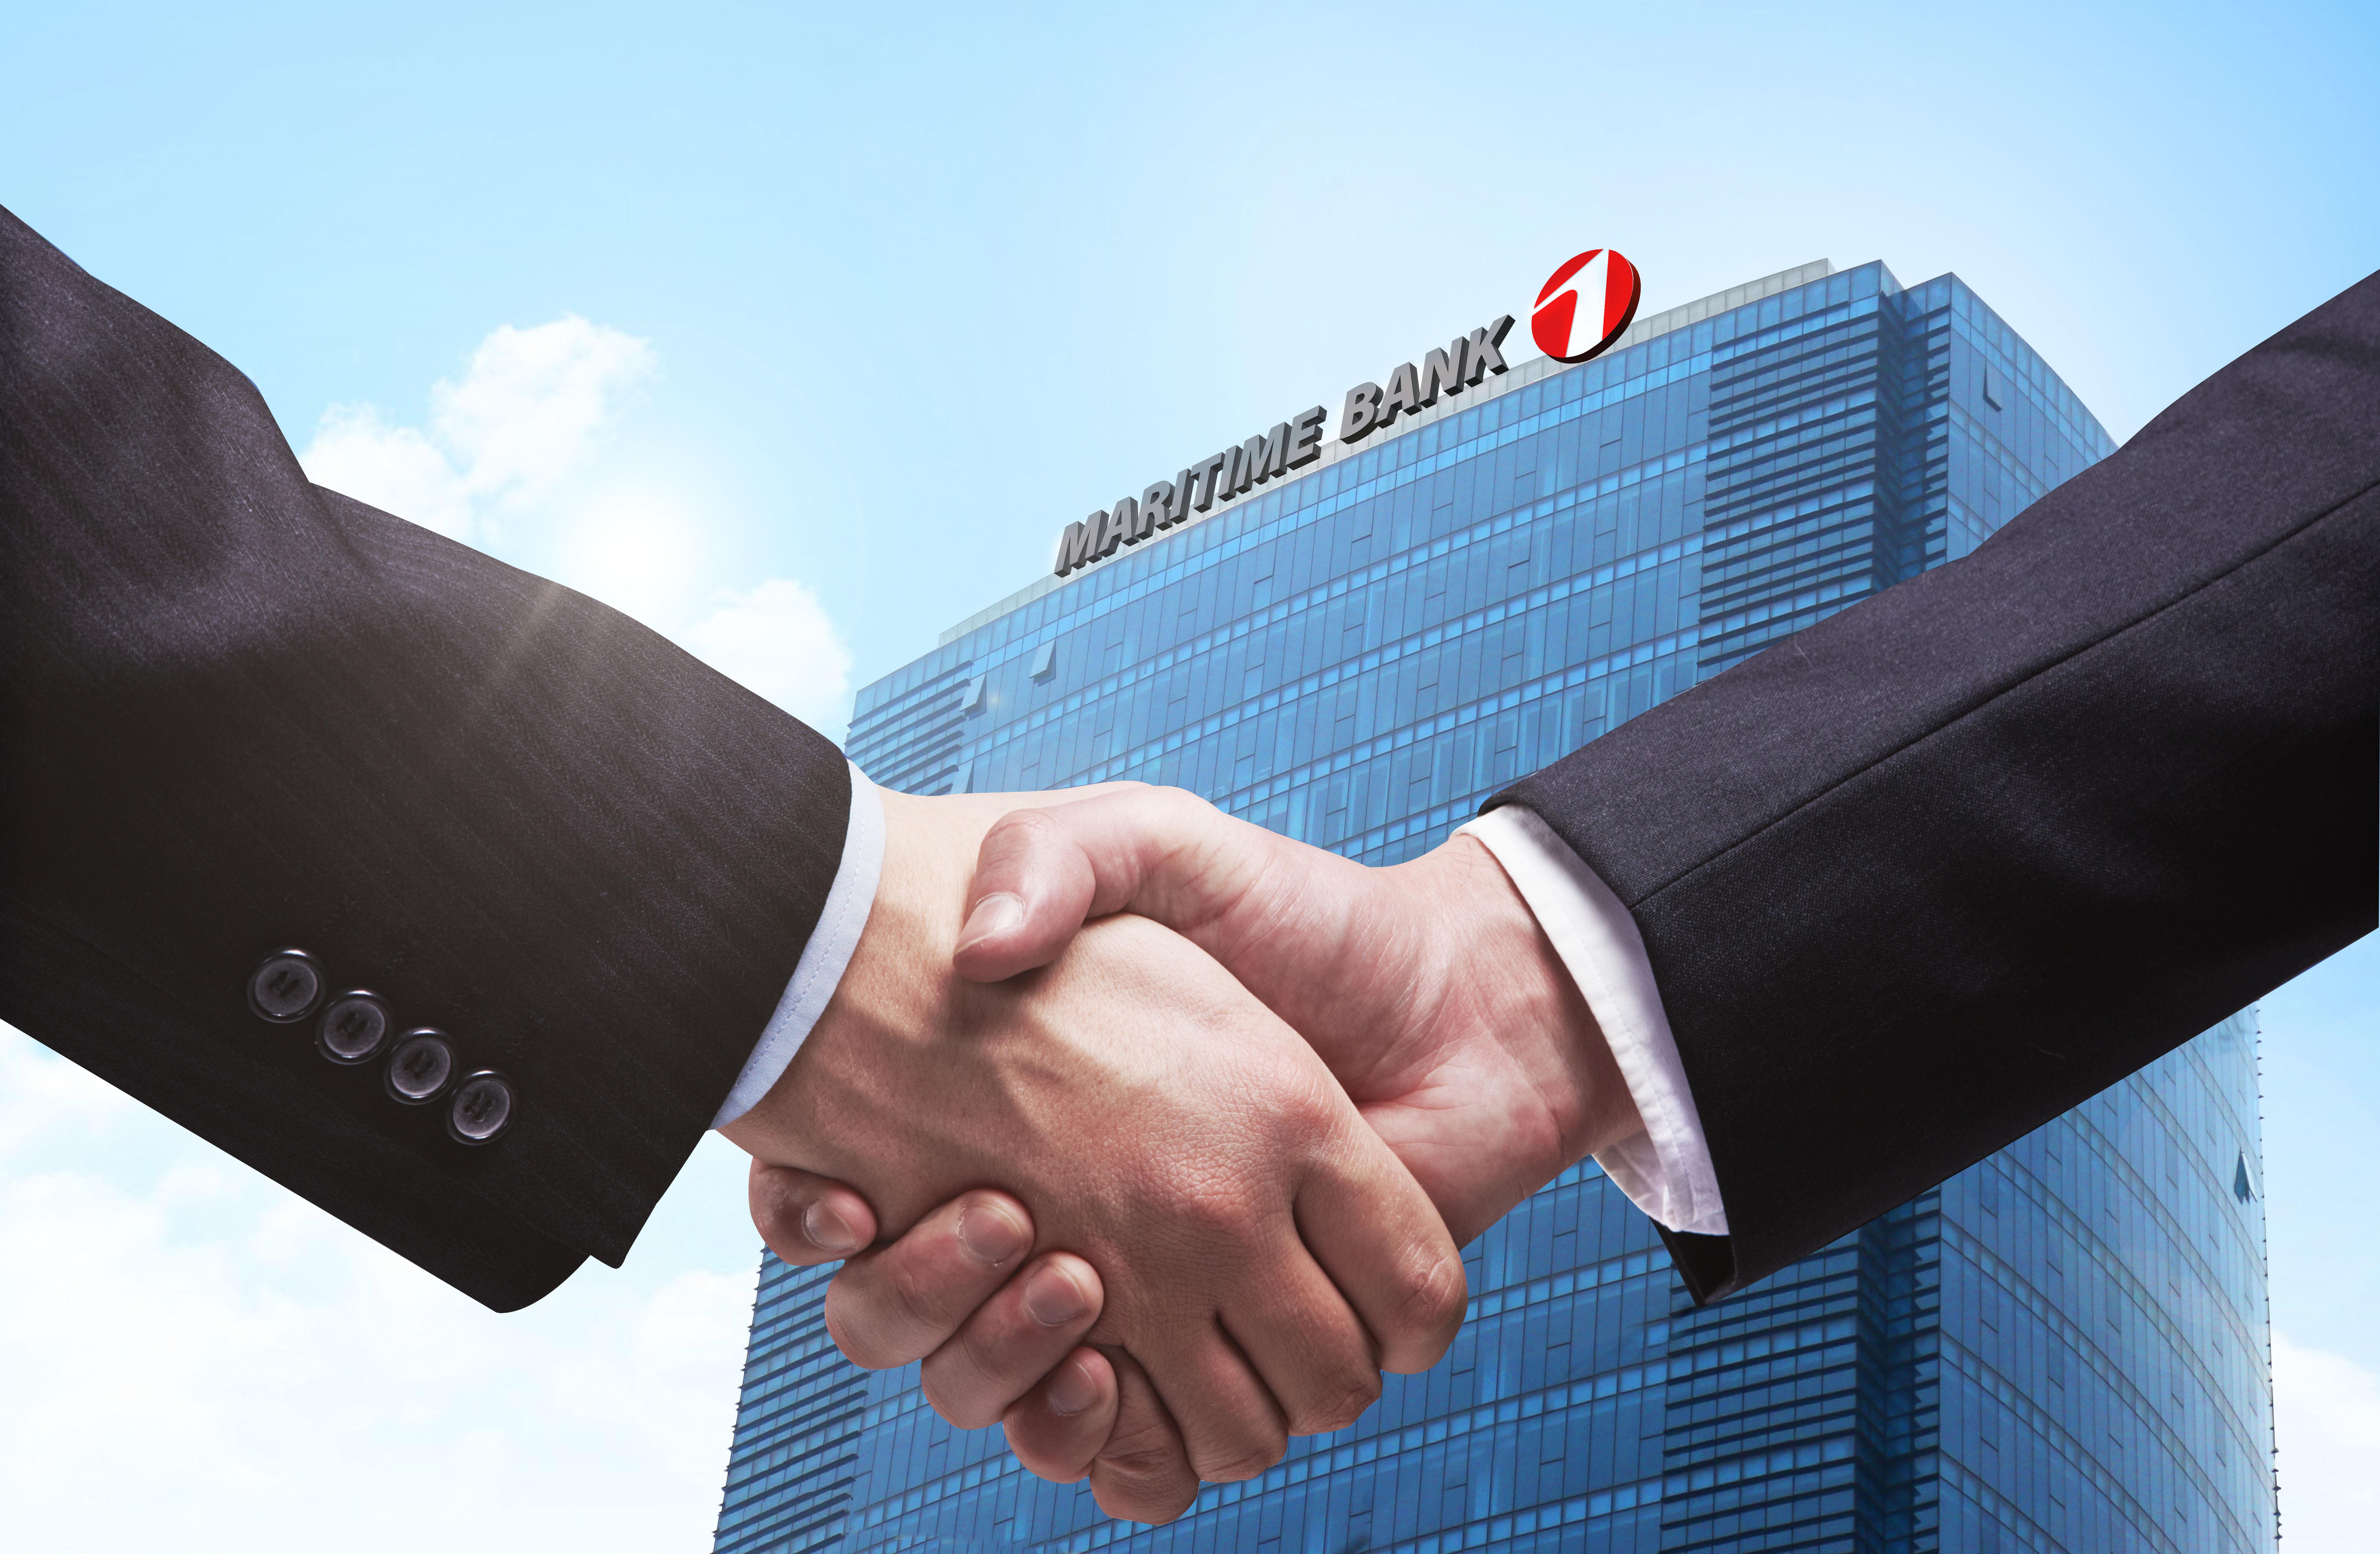 Maritime Bank ra mắt mô hình tài chính chuyên nghiệp dành riêng cho doanh nghiệp vi mô